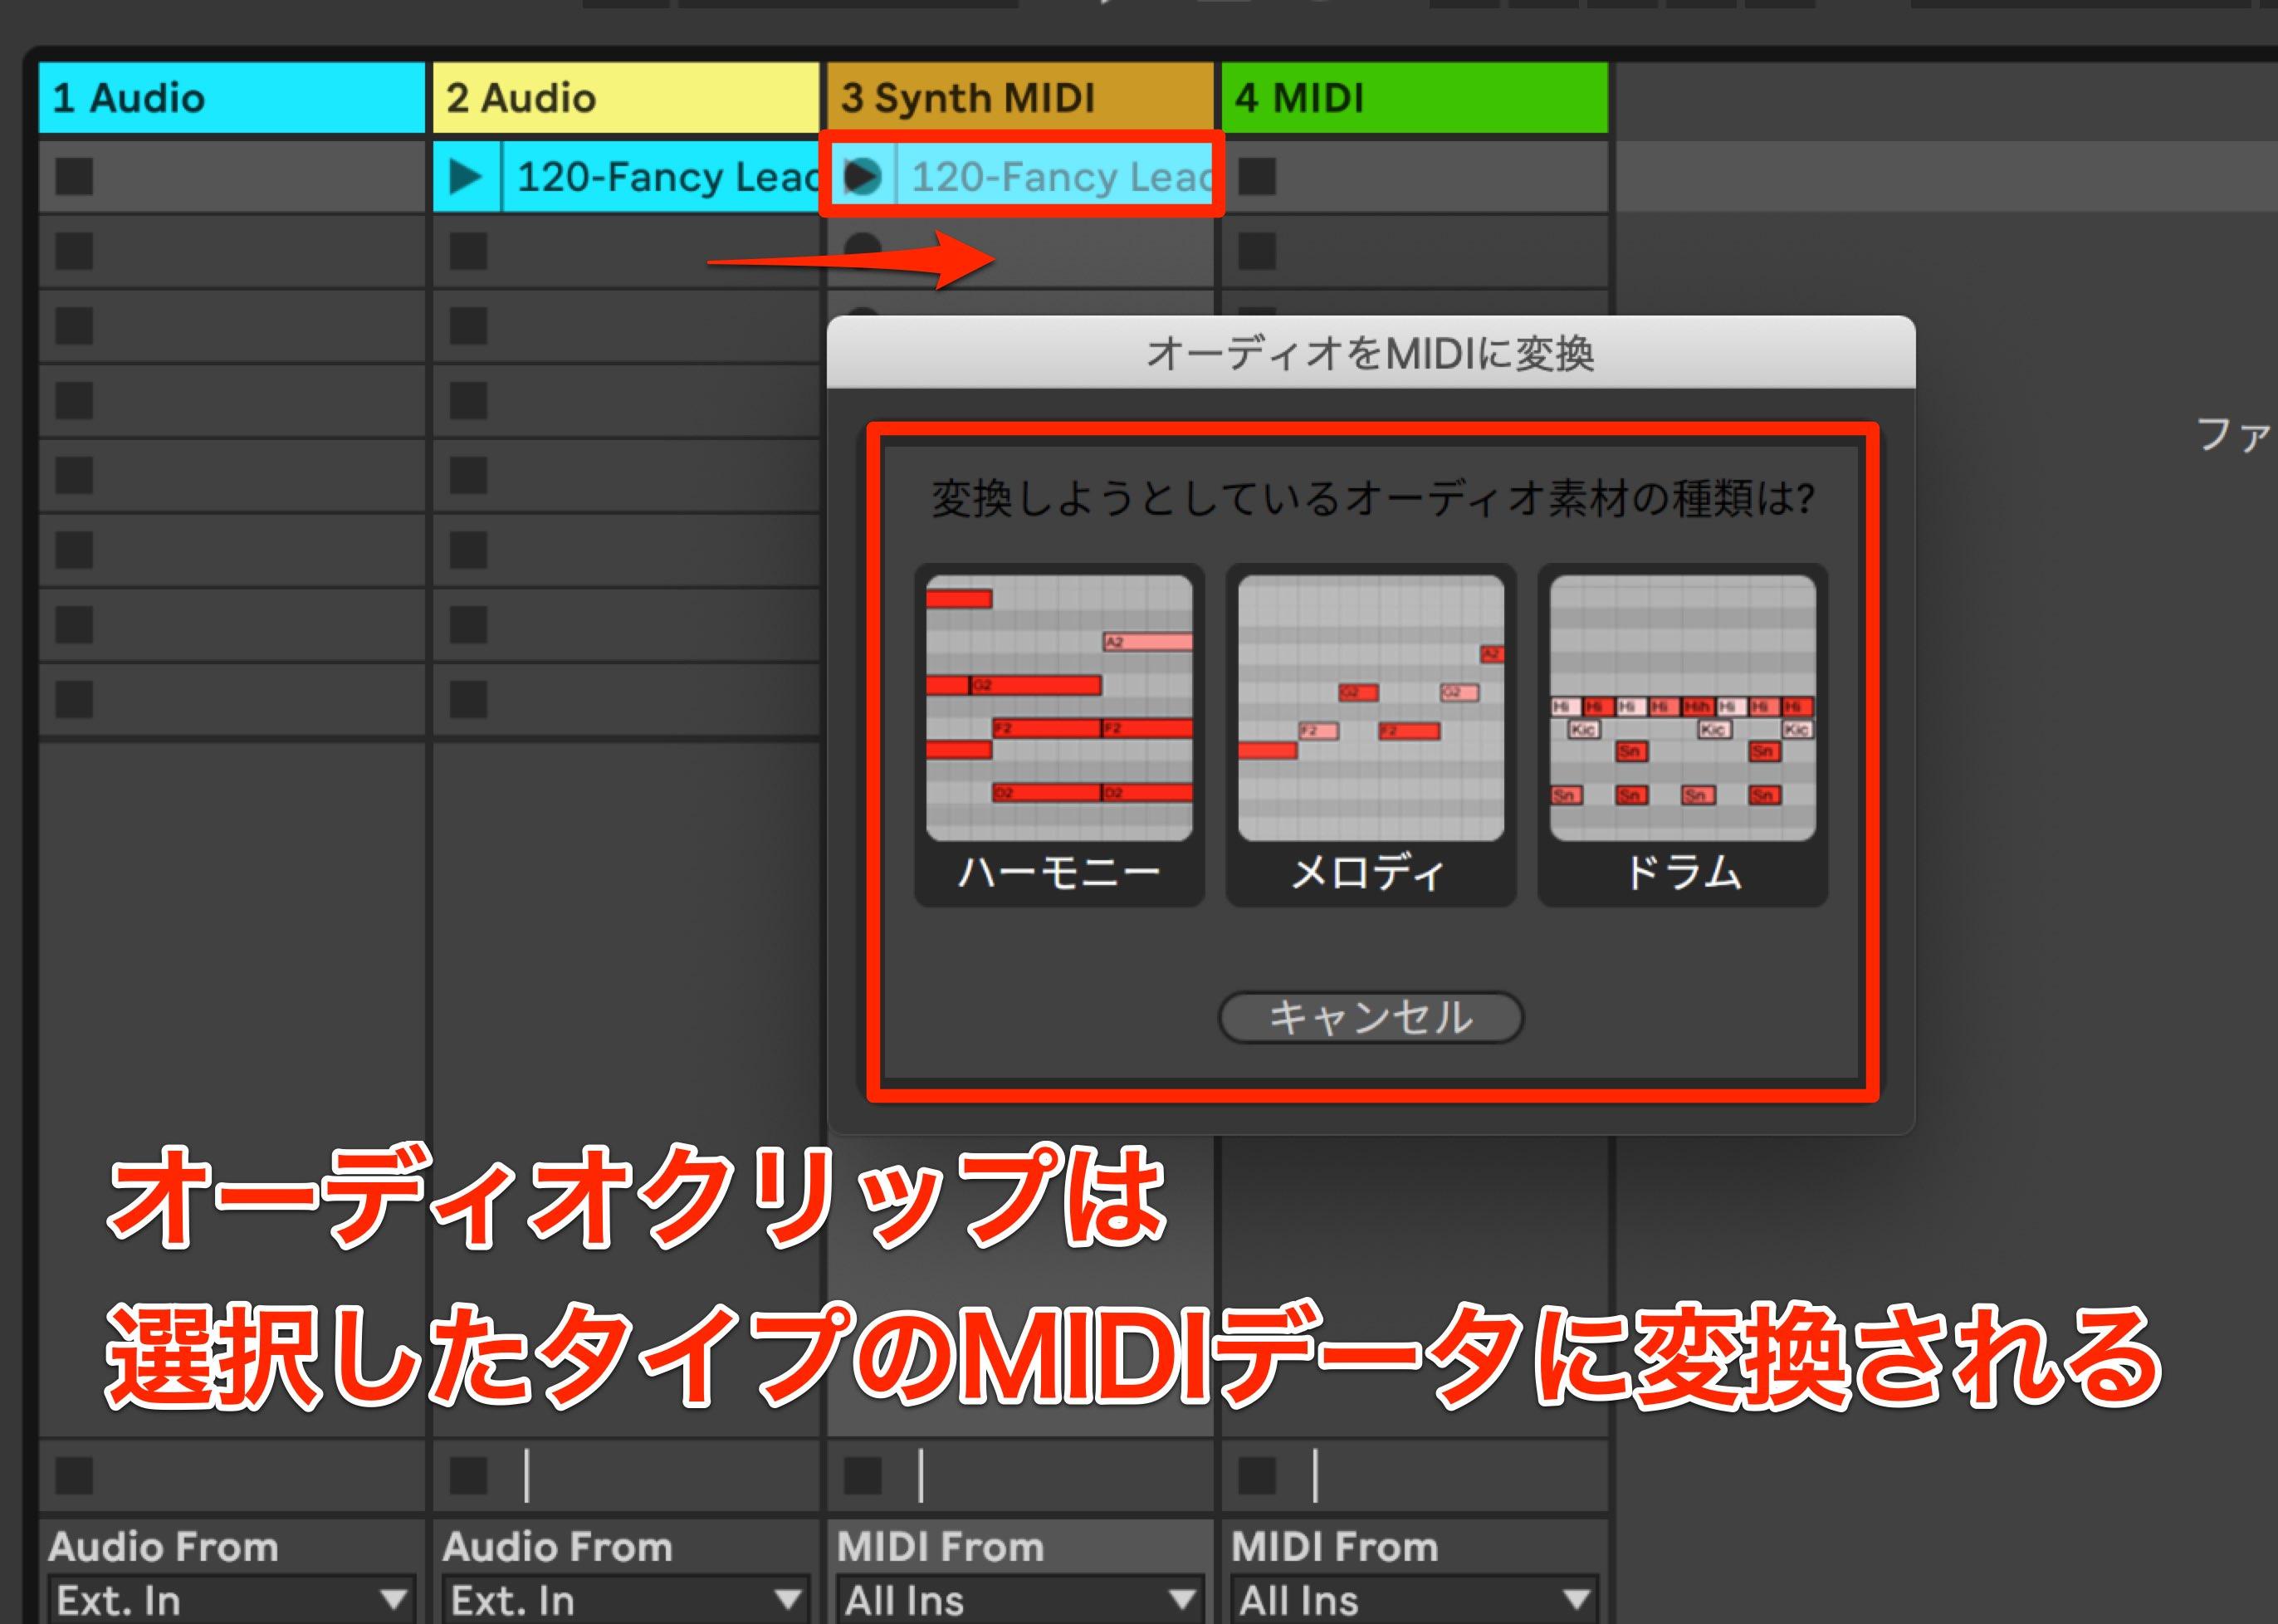 Ableton Live_10_AudioからMIDI変換